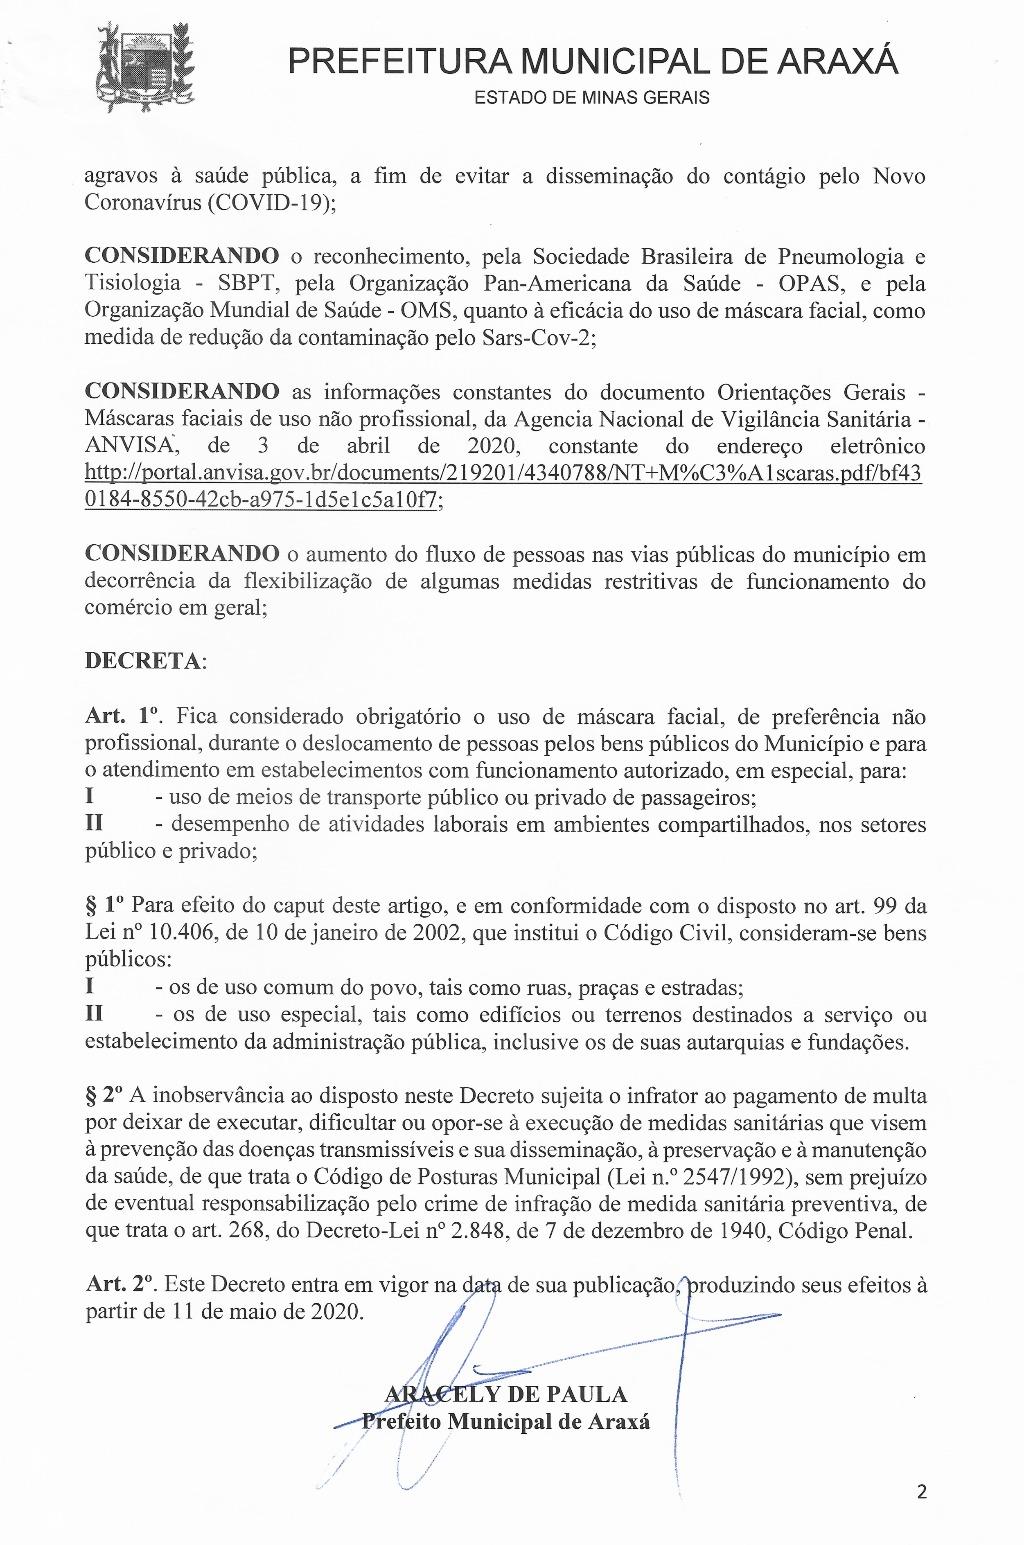 Prefeito Aracely assina decreto determinando uso obrigatório de máscara na cidade 2